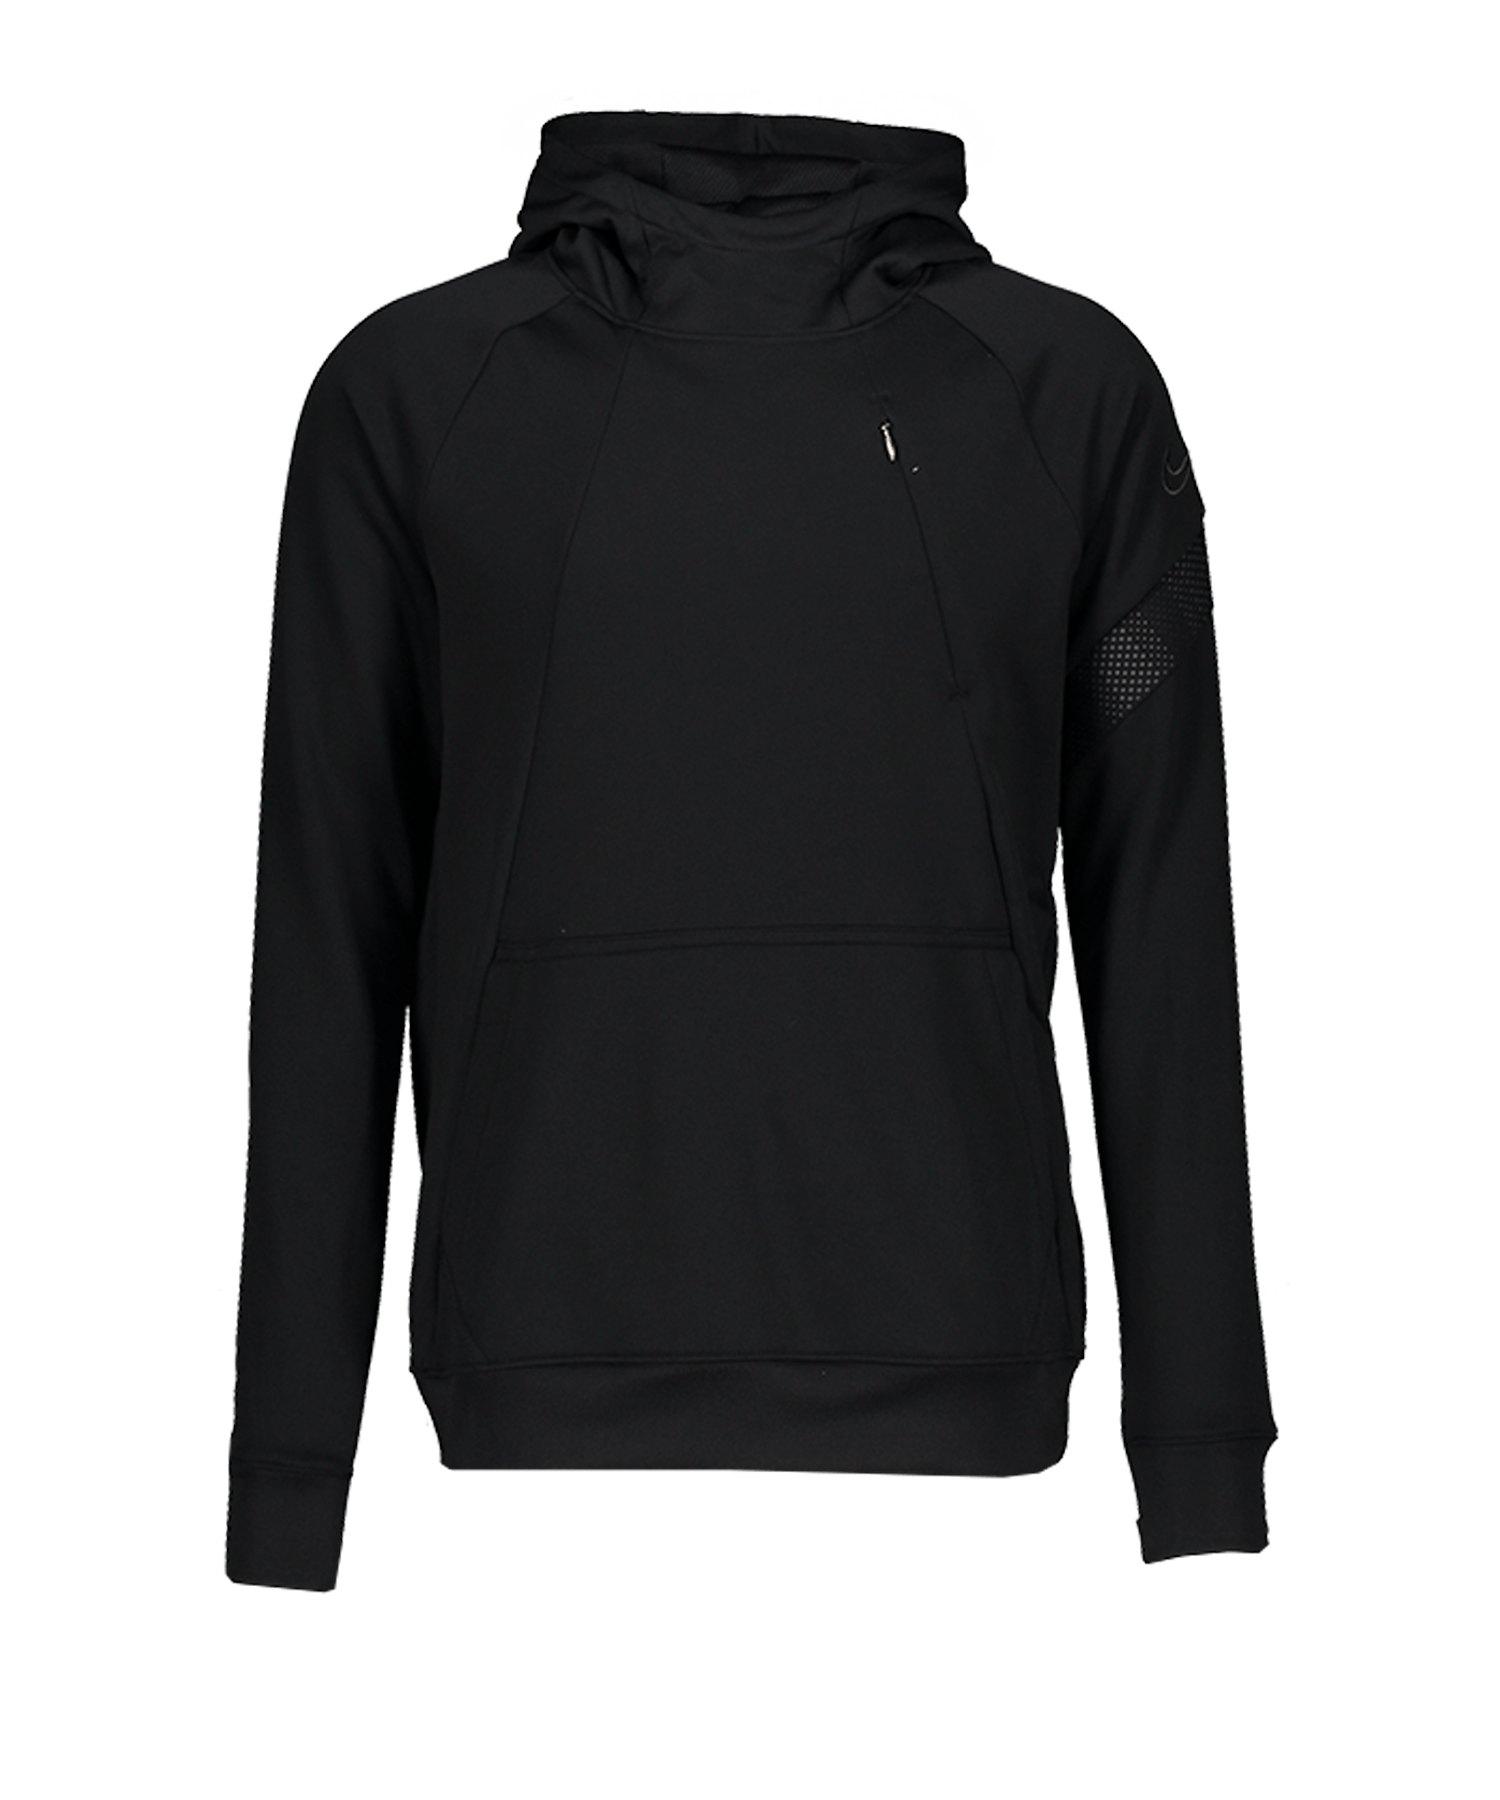 Nike Academy Pro Sweatshirt Kids F010 - schwarz